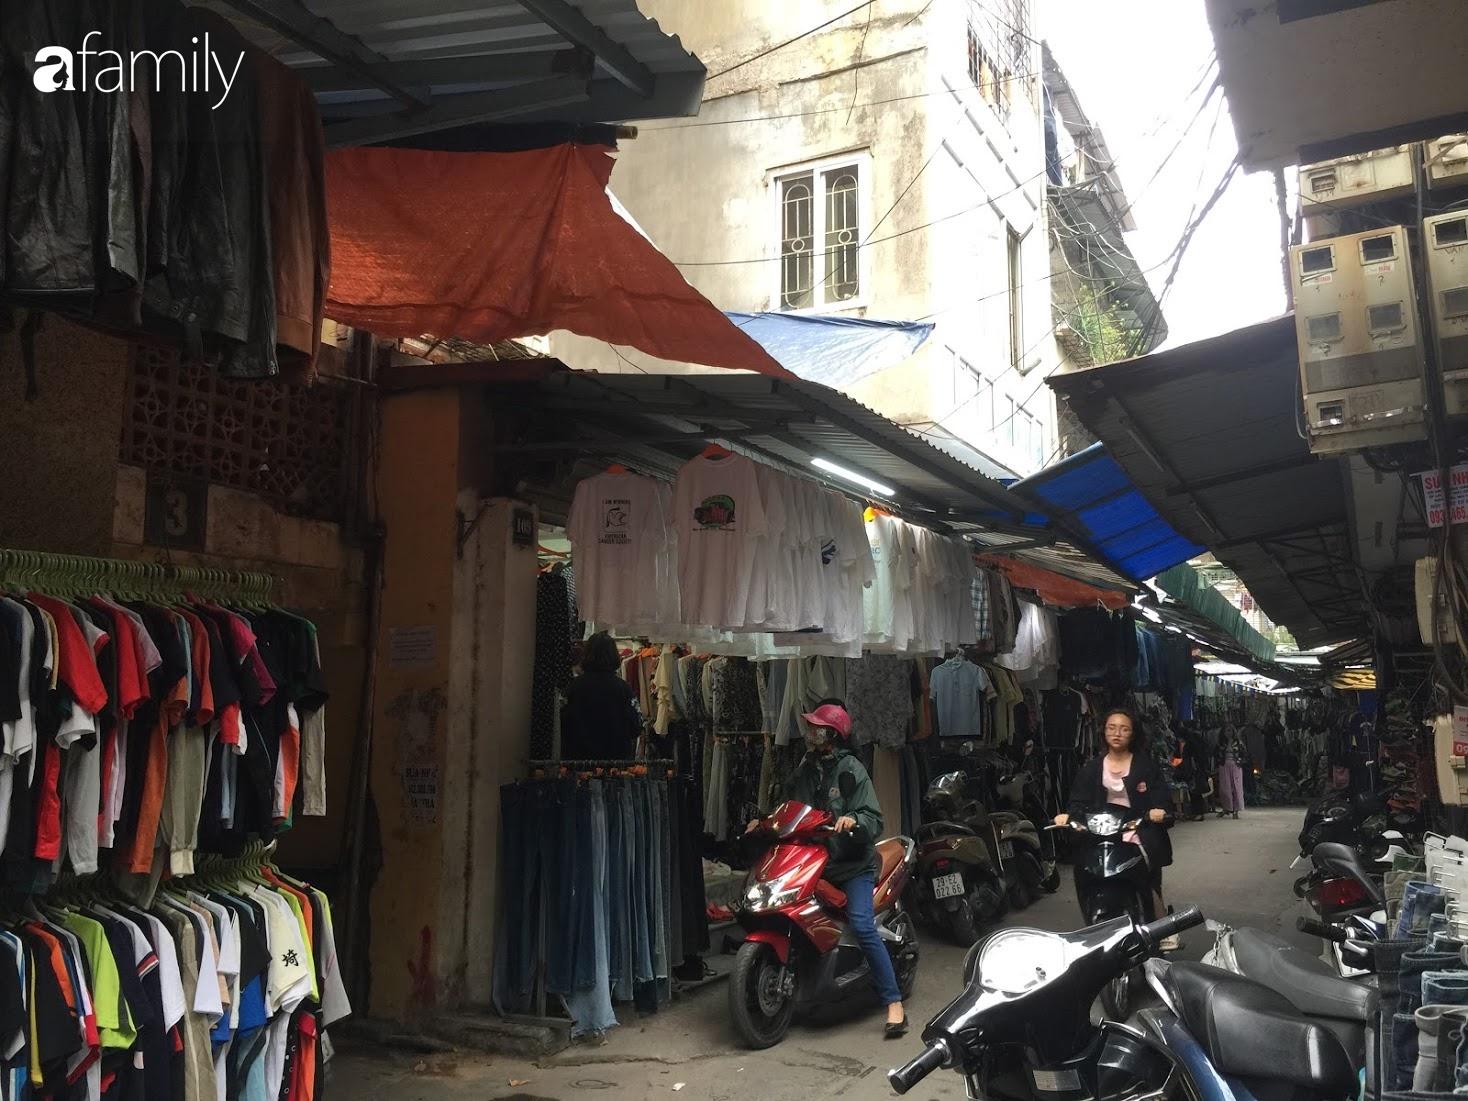 Đi chợ hàng thùng Đông Tác mua quần áo cũ chưa đủ, chị em phải biết săn thêm cả giày, túi và trang sức chất lượng - Ảnh 2.